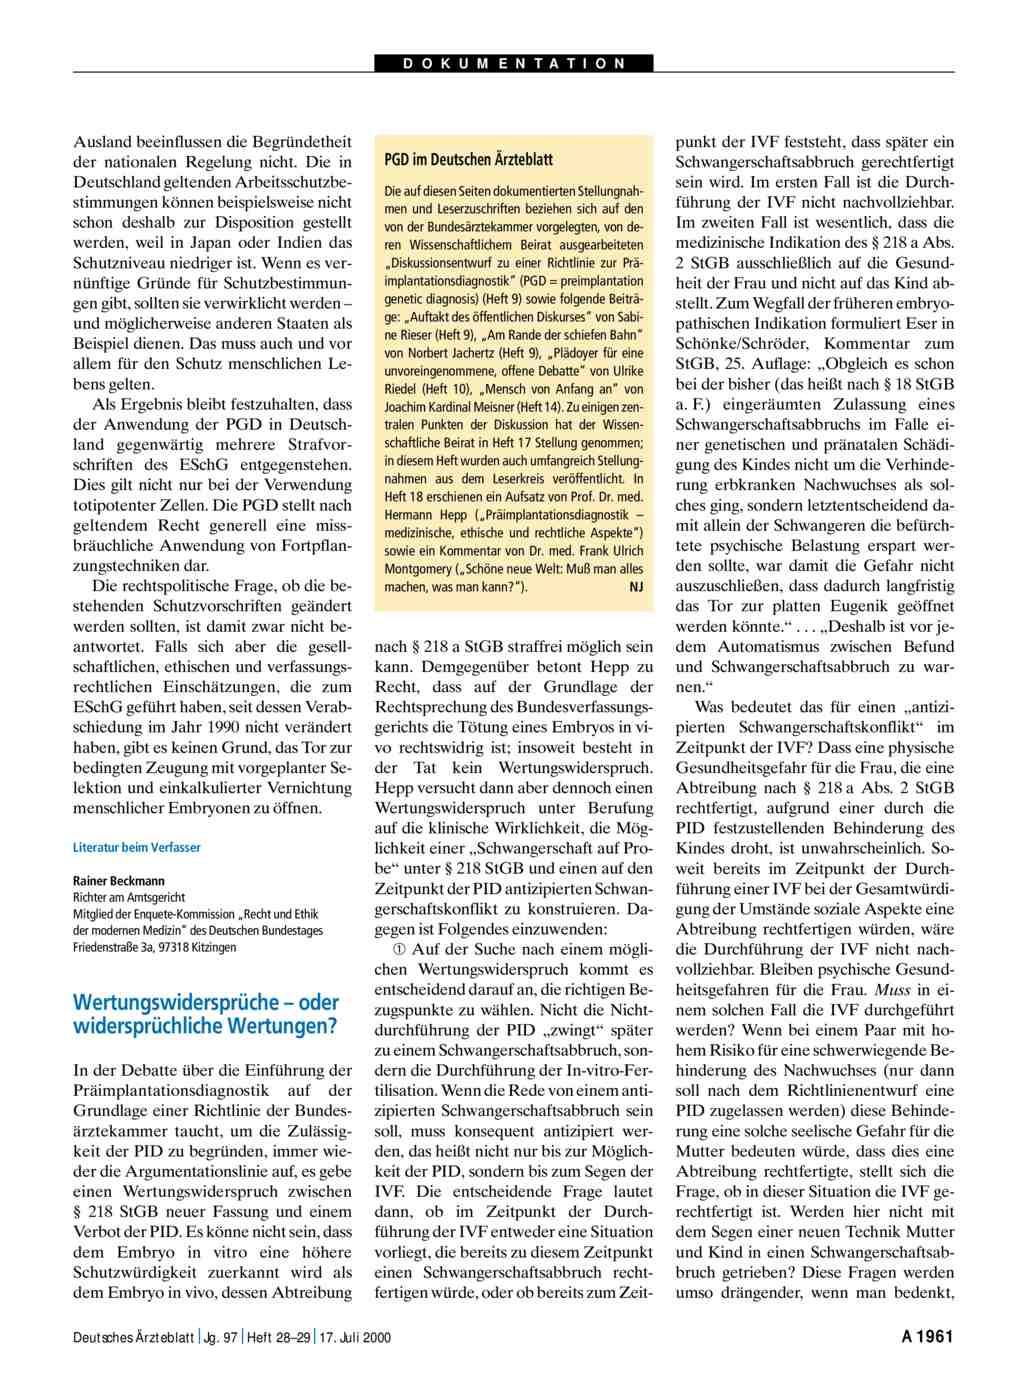 Präimplantationsdiagnostik: Wertungswidersprüche – oder ...